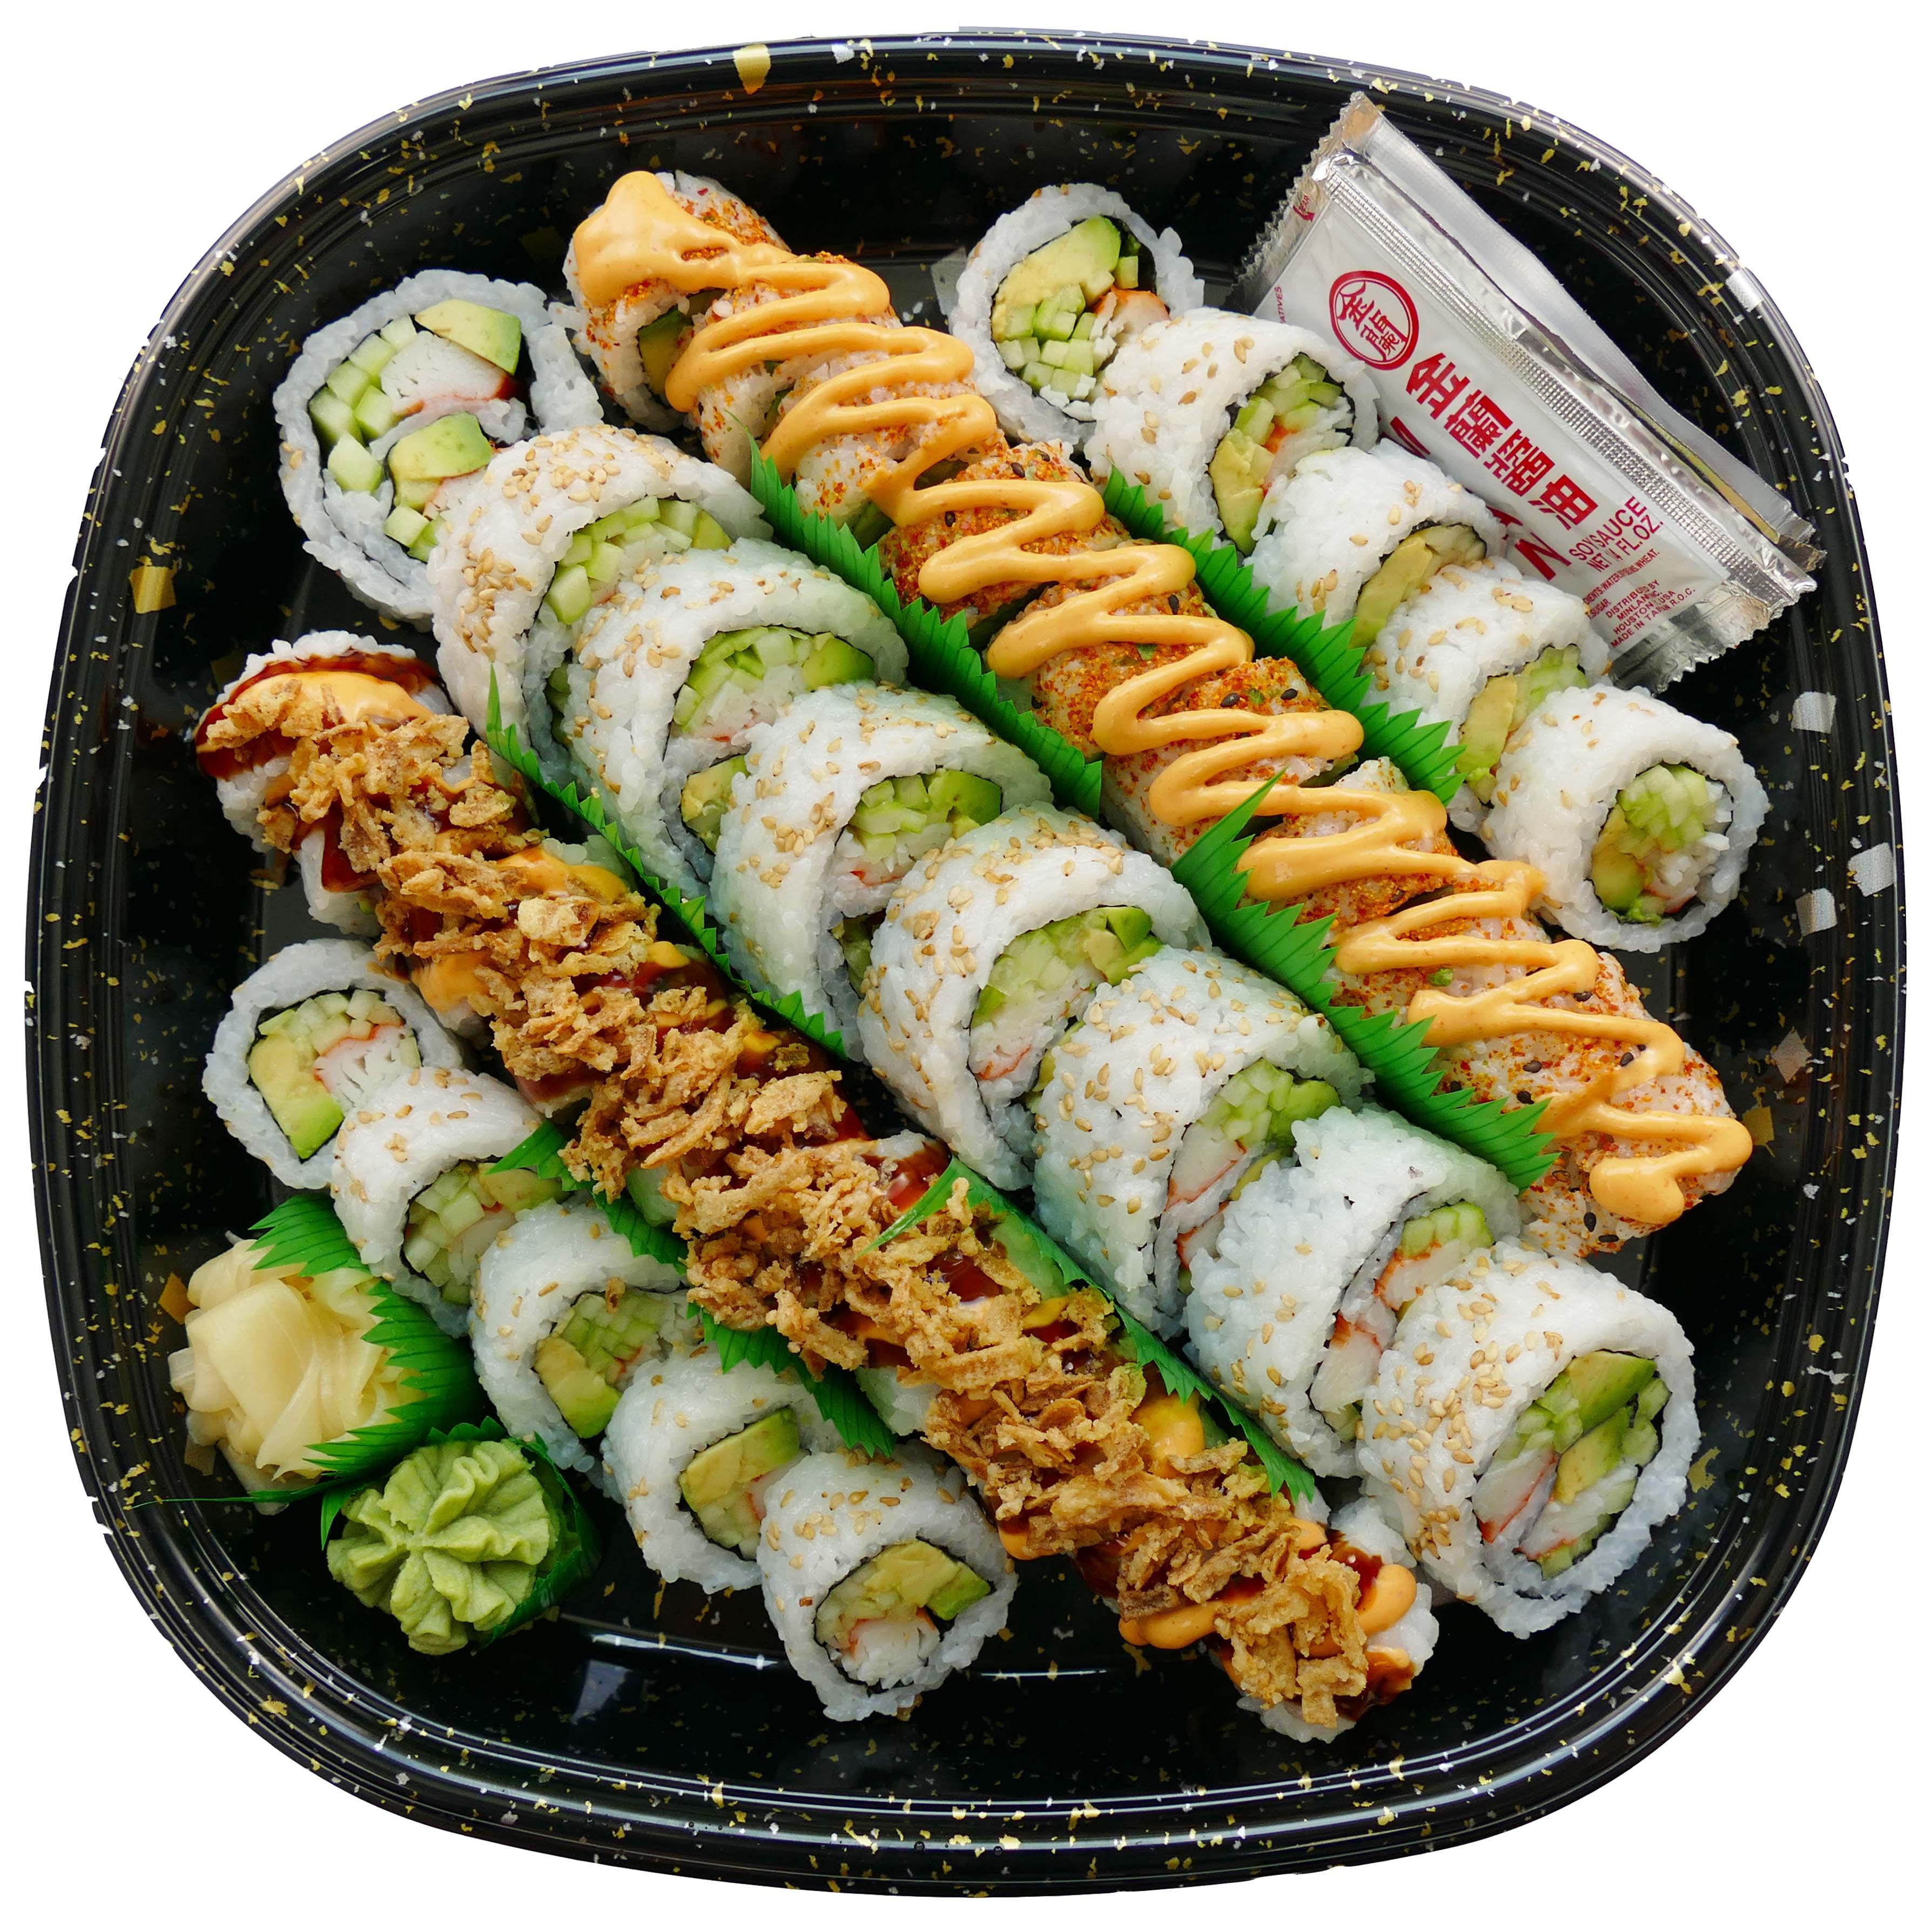 H‑E‑B Sushiya California Party Tray